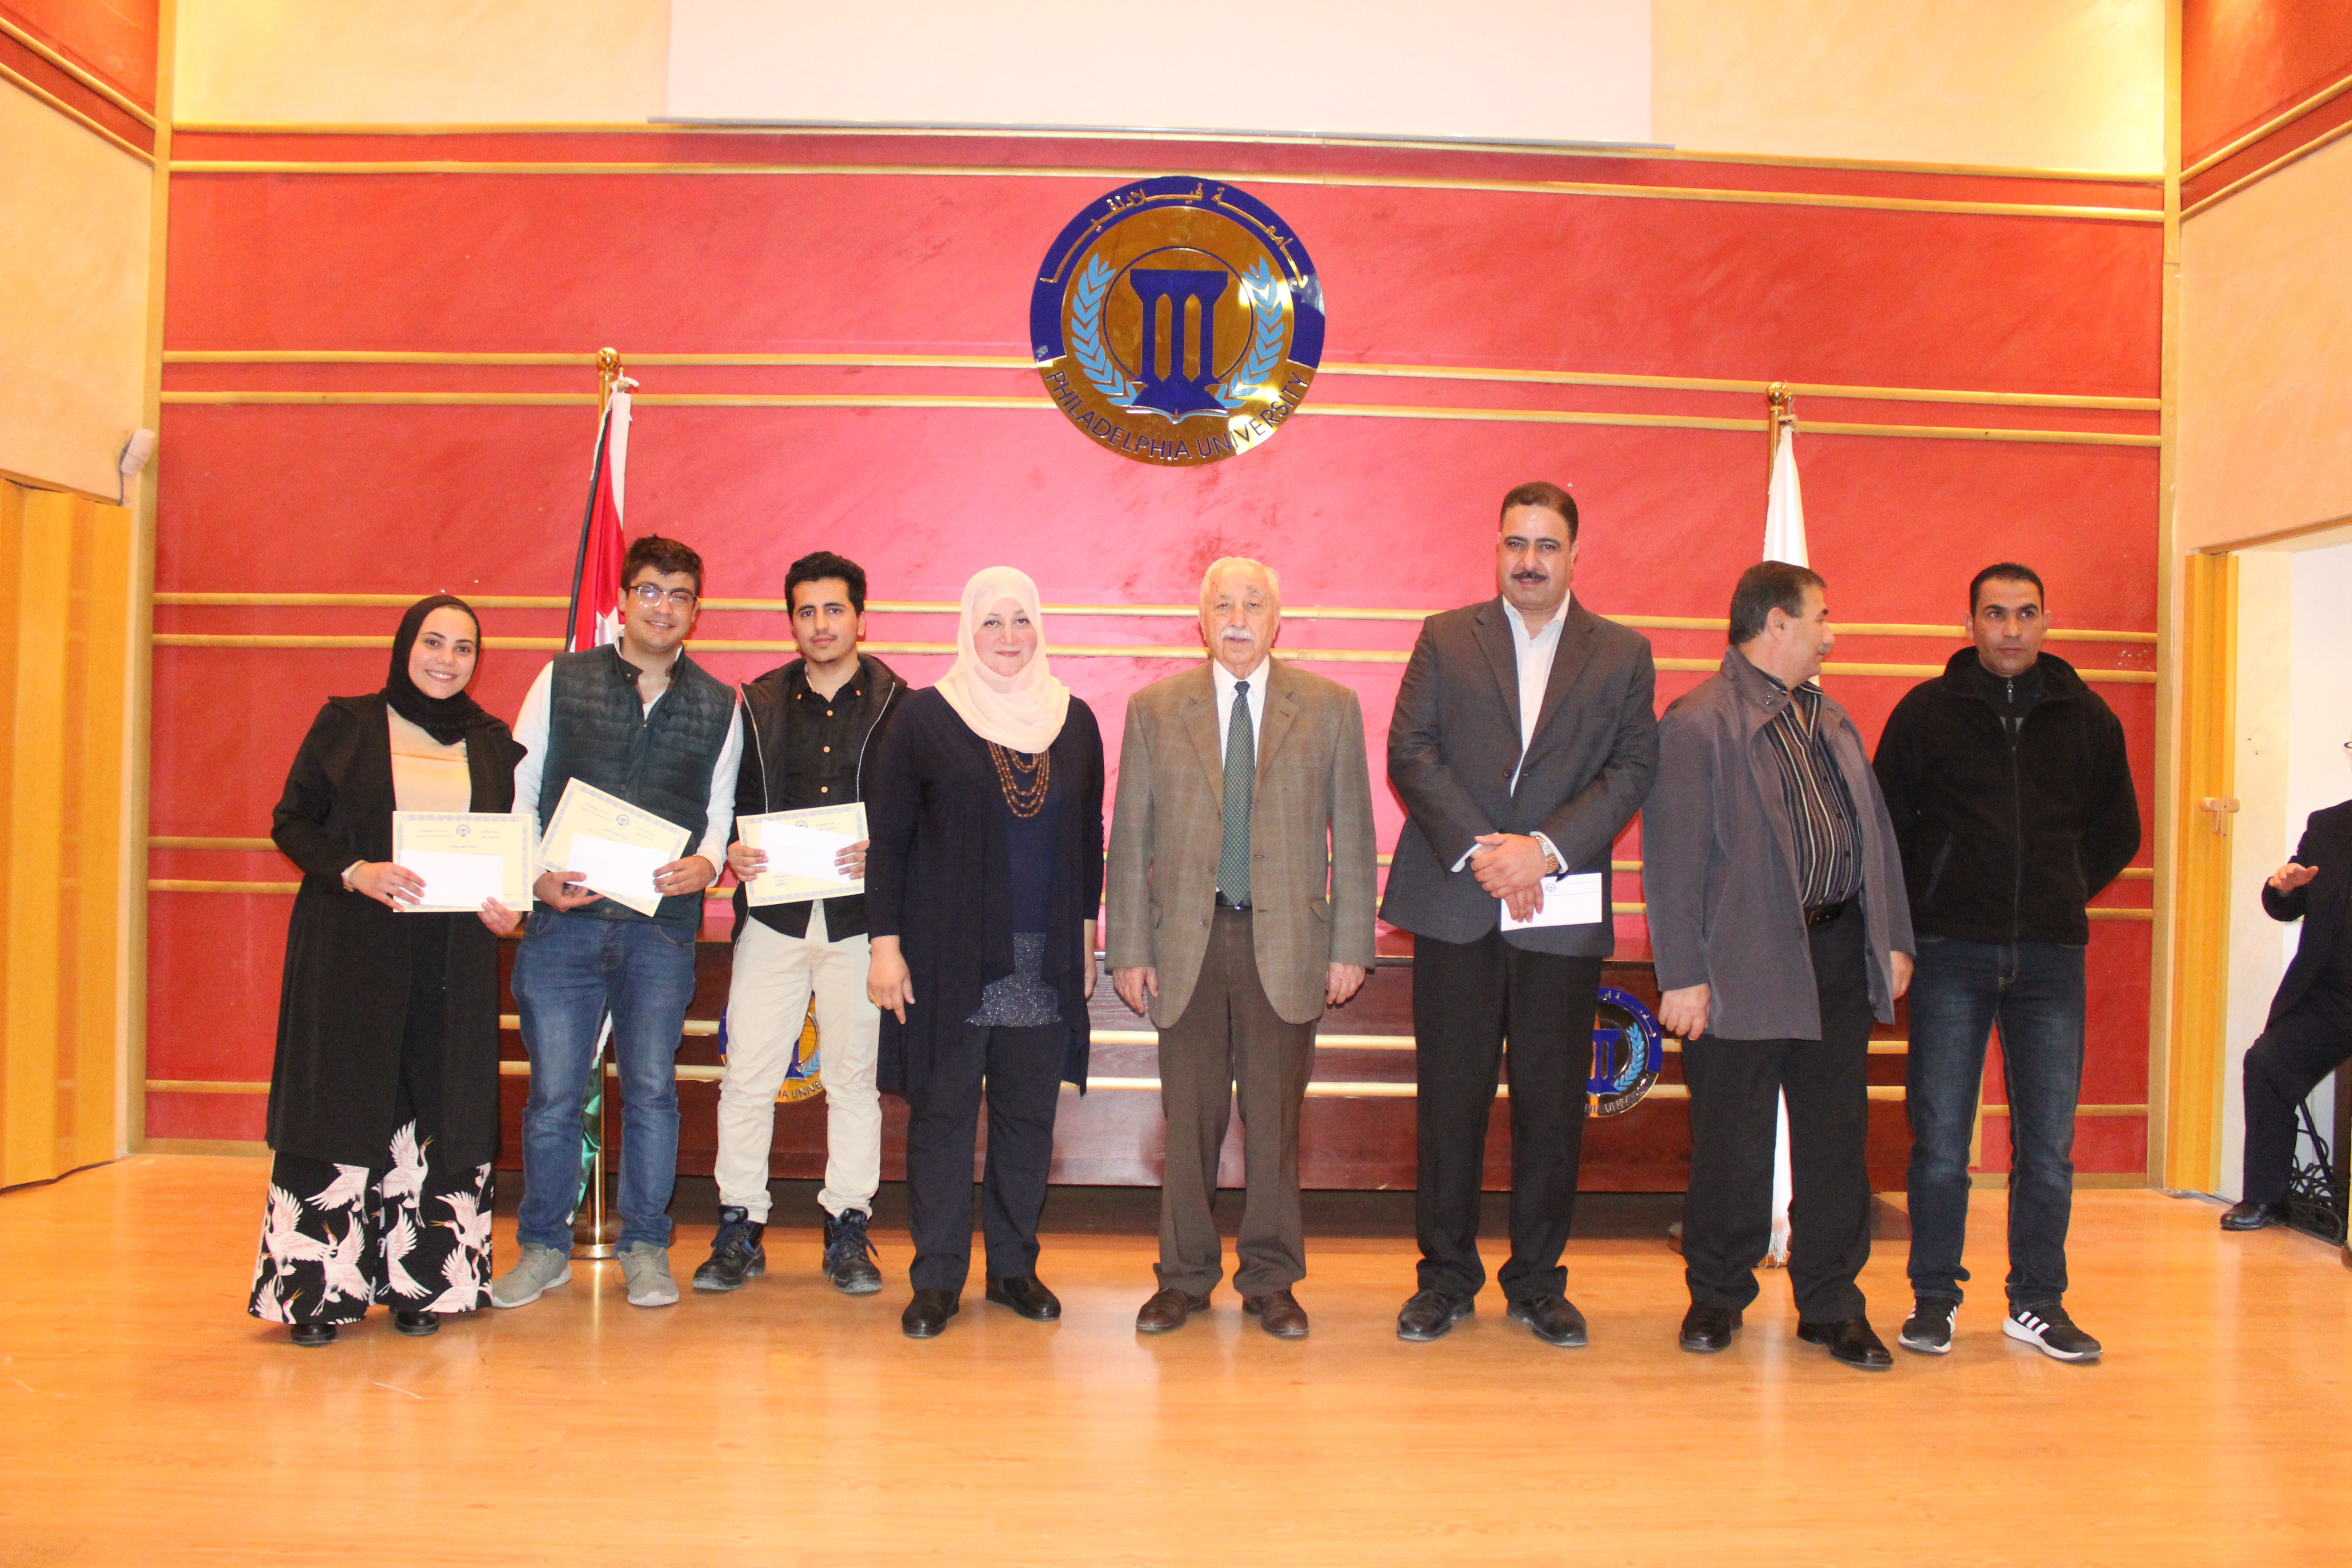 جامعة فيلادلفيا تكرم الطلبة الفائزين بمسابقة التصوير الفوتوغرافي